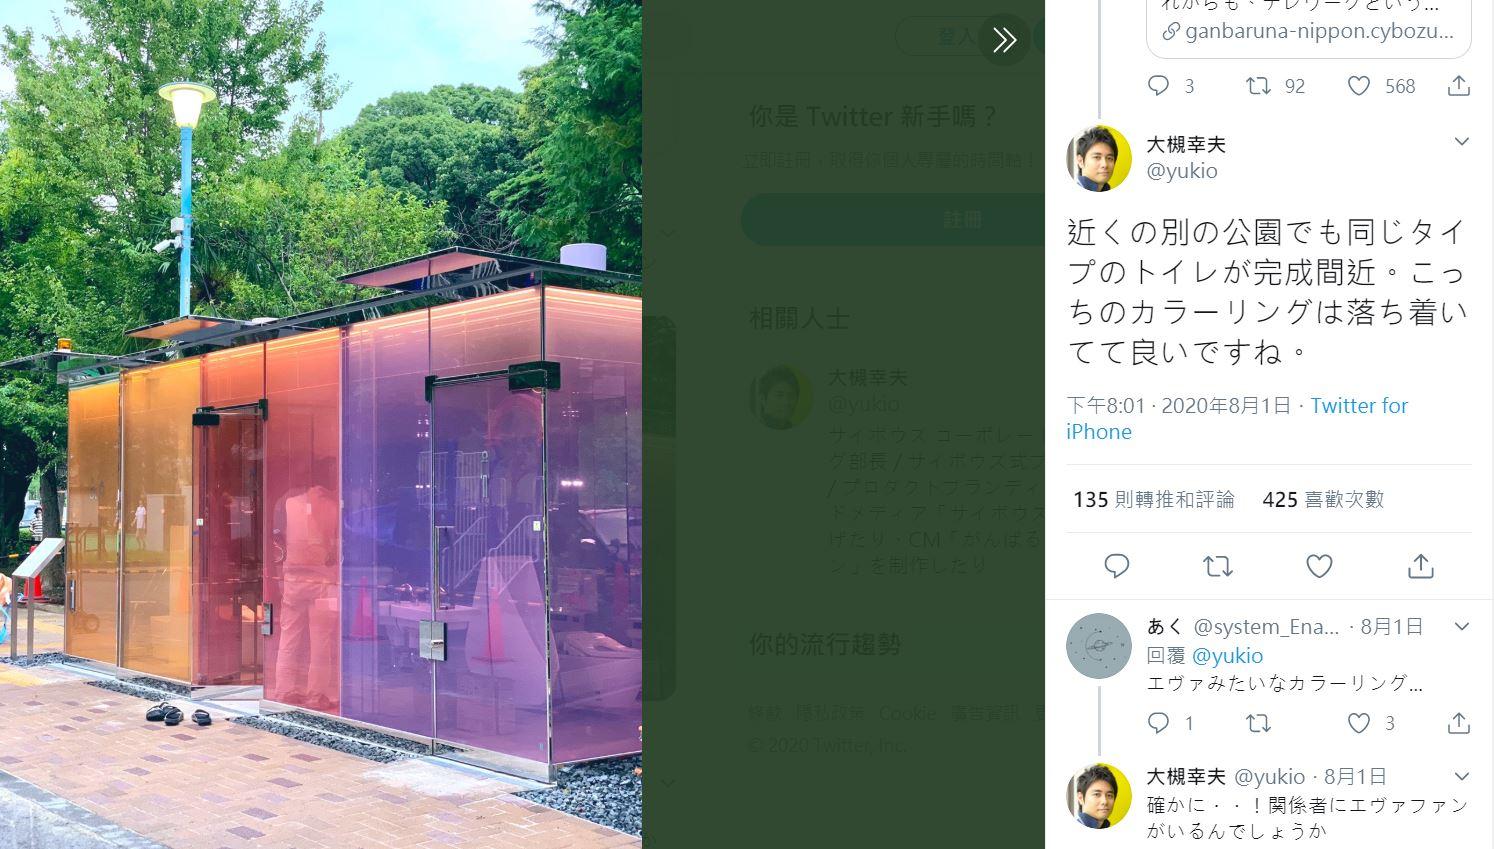 """日本另一处""""透明厕所""""则呈现橘色、红色、紫色三个隔间。"""